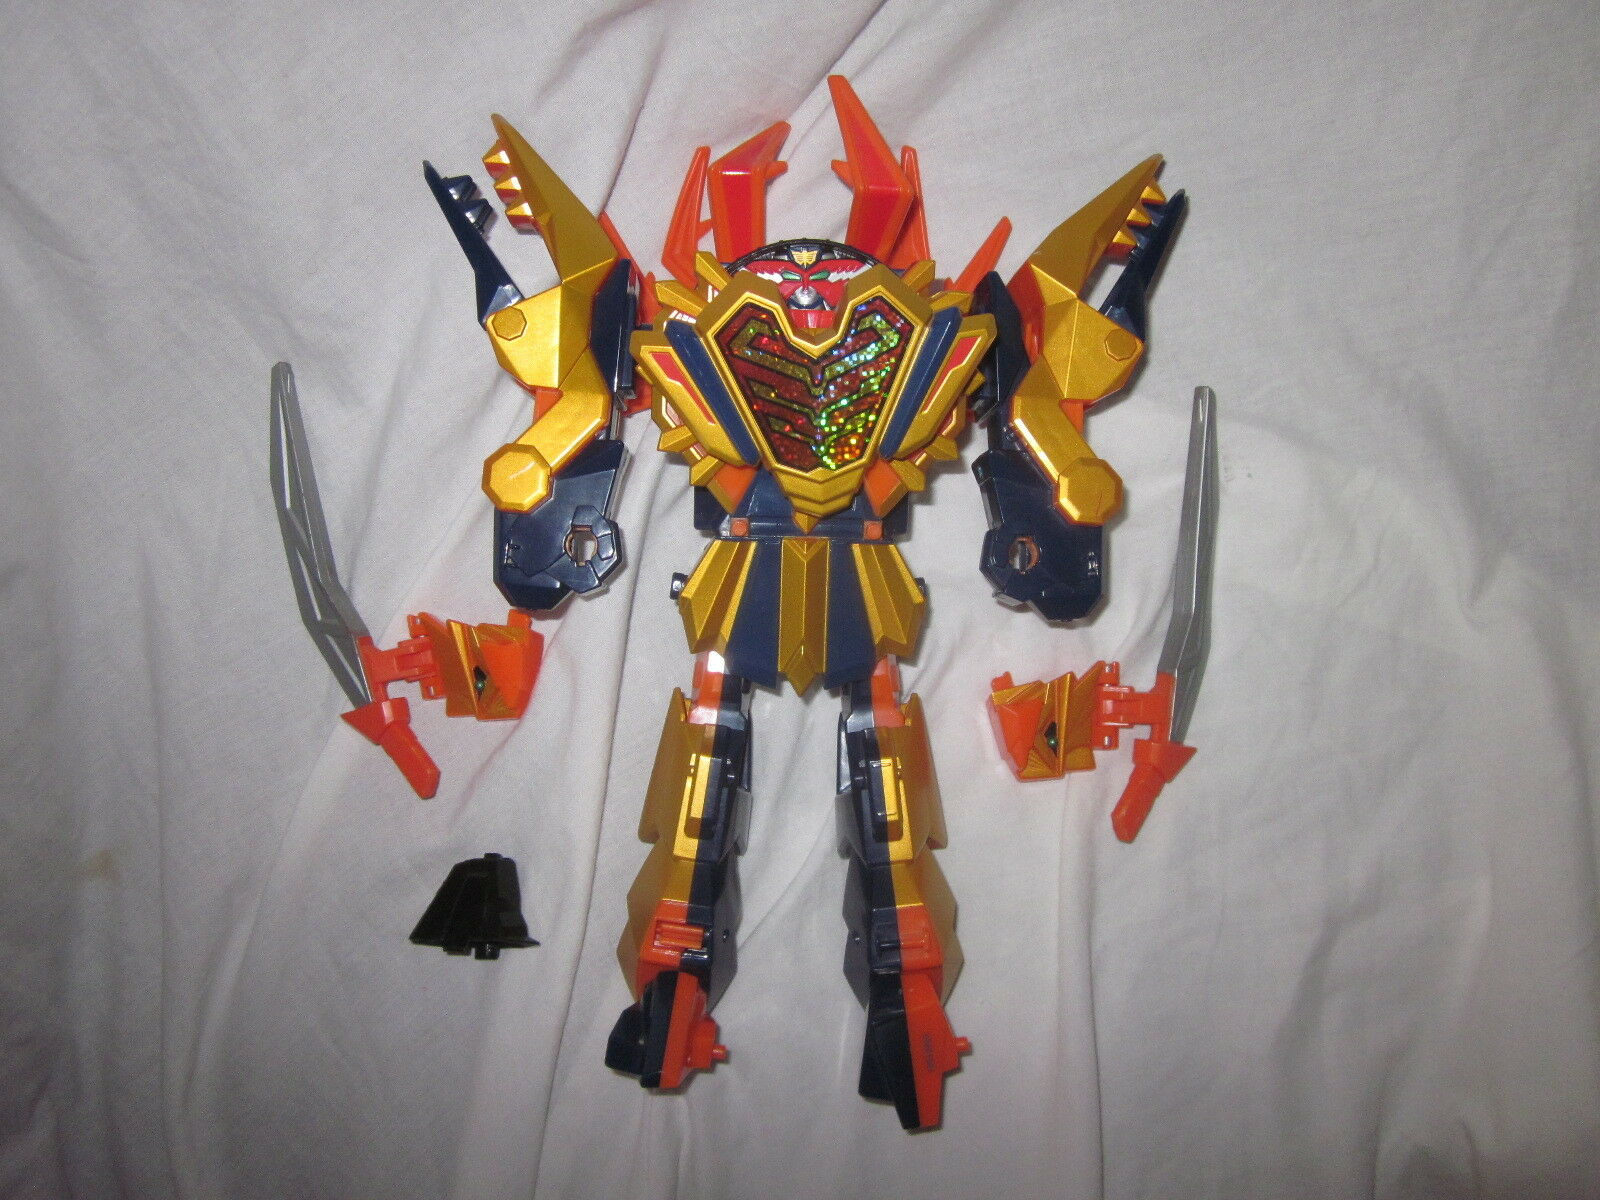 Power rangers dx samurai clawzord megazord spielzeug